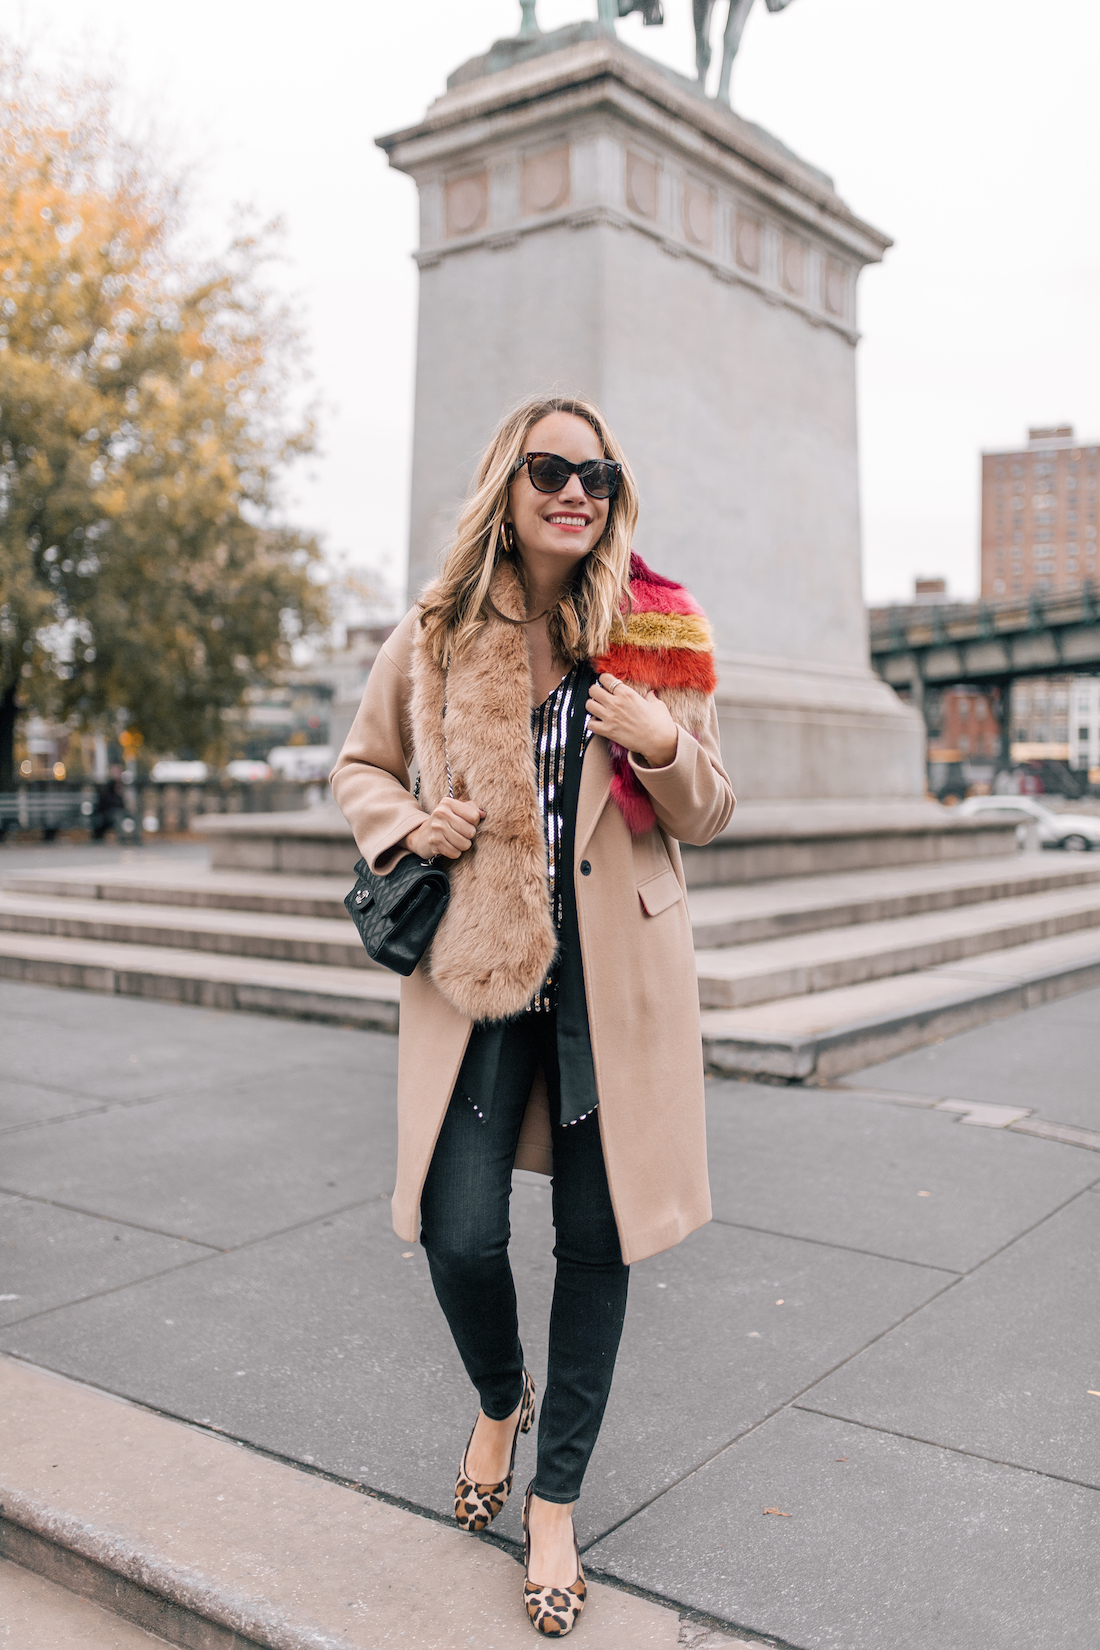 Outfit Details:Rixo London Sequin Top(size up!) //Paige Jeans //Topshop Coat(on sale!!) //Zara Faux Fur Scarf //Margaux Leopard Heels